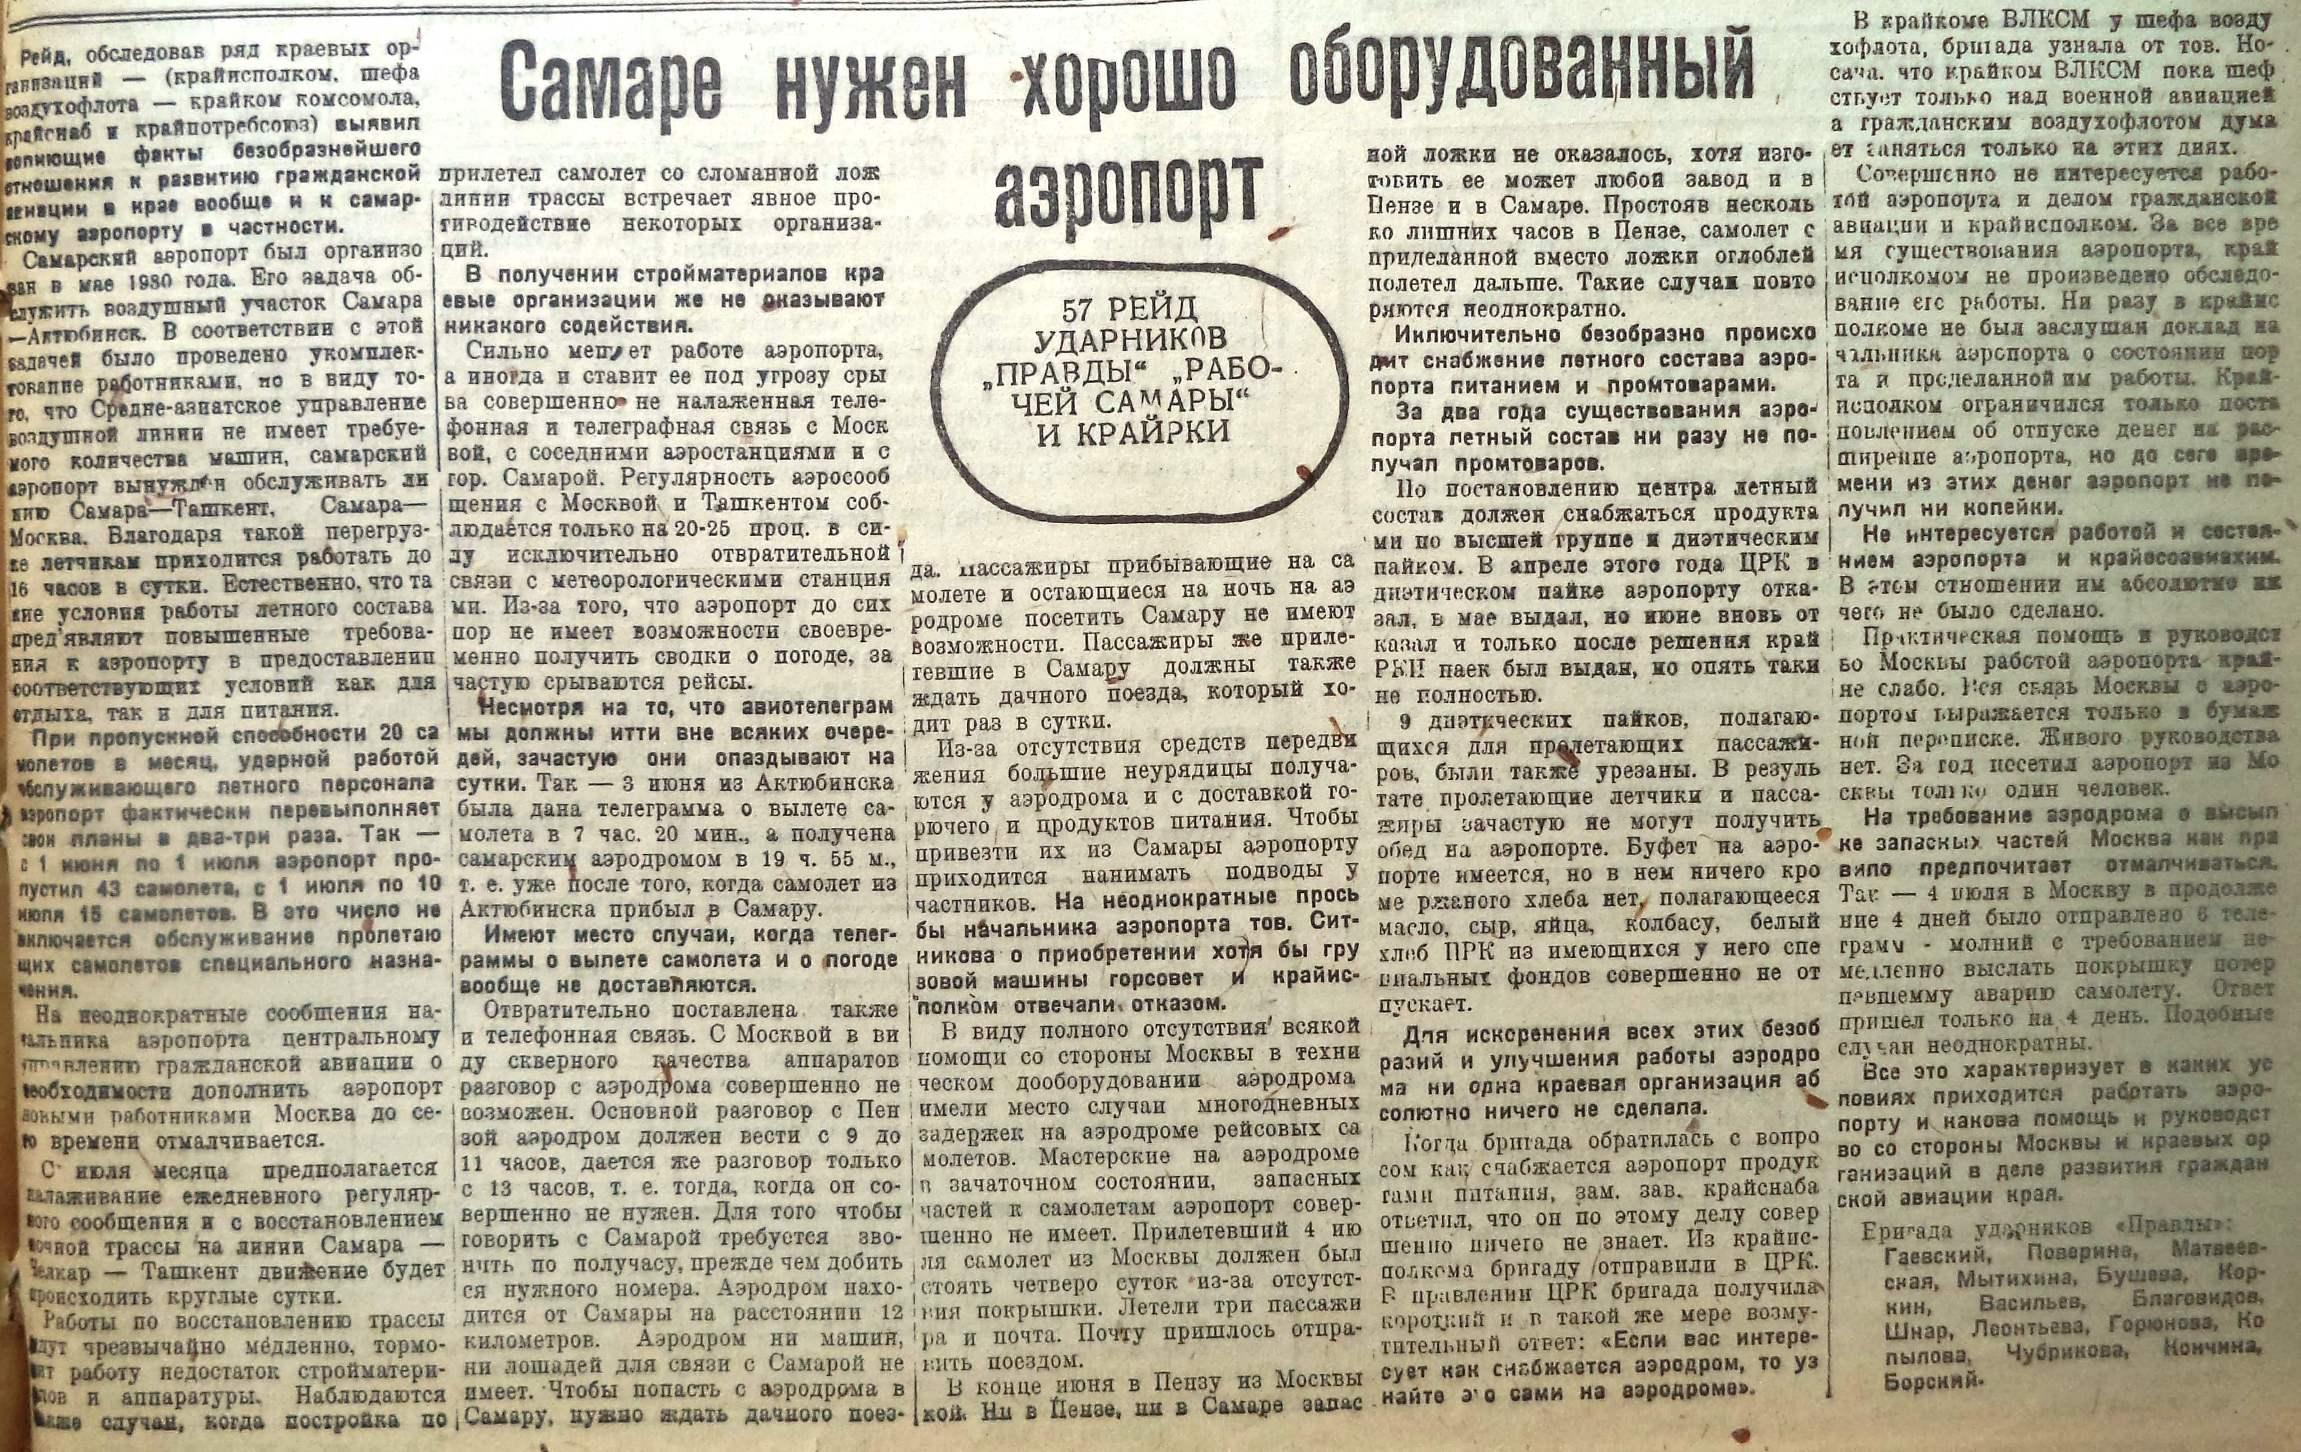 RabSam-1931-07-30-neobkh-t_aerodroma_dlya_Samary-min